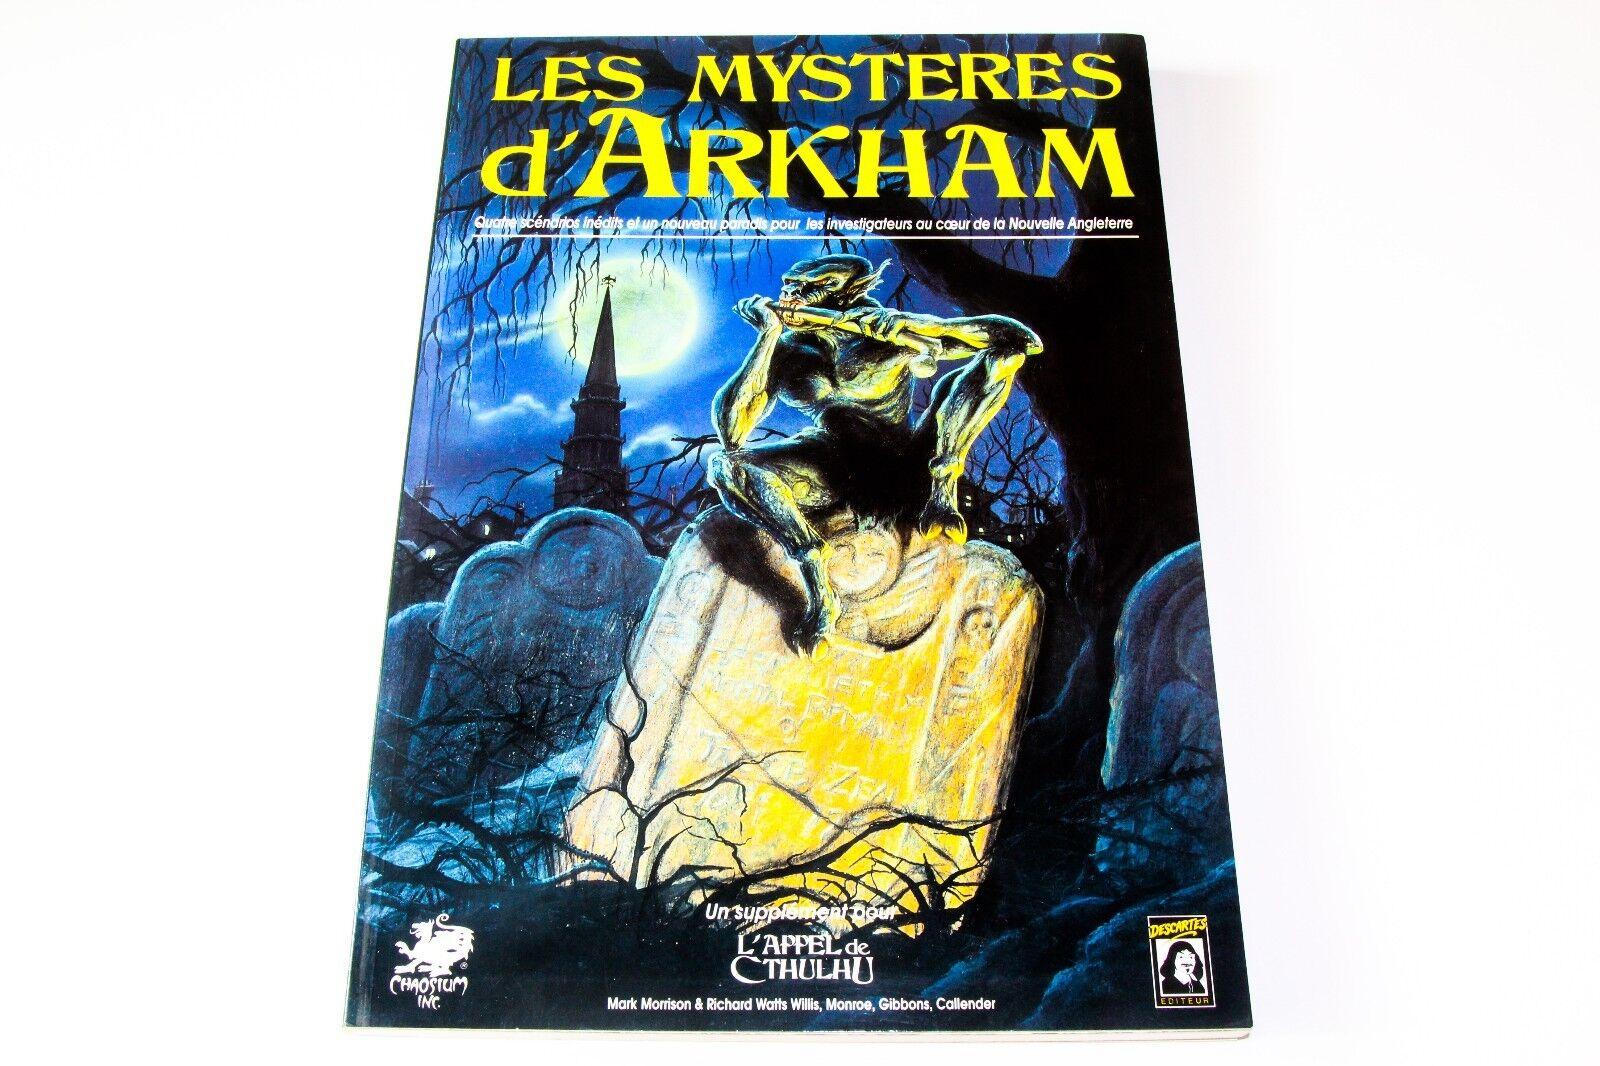 L'APPEL DE CTHULHU - - - LES MYSTERES D'ARKHAM - DESCARTES 5ea2b1